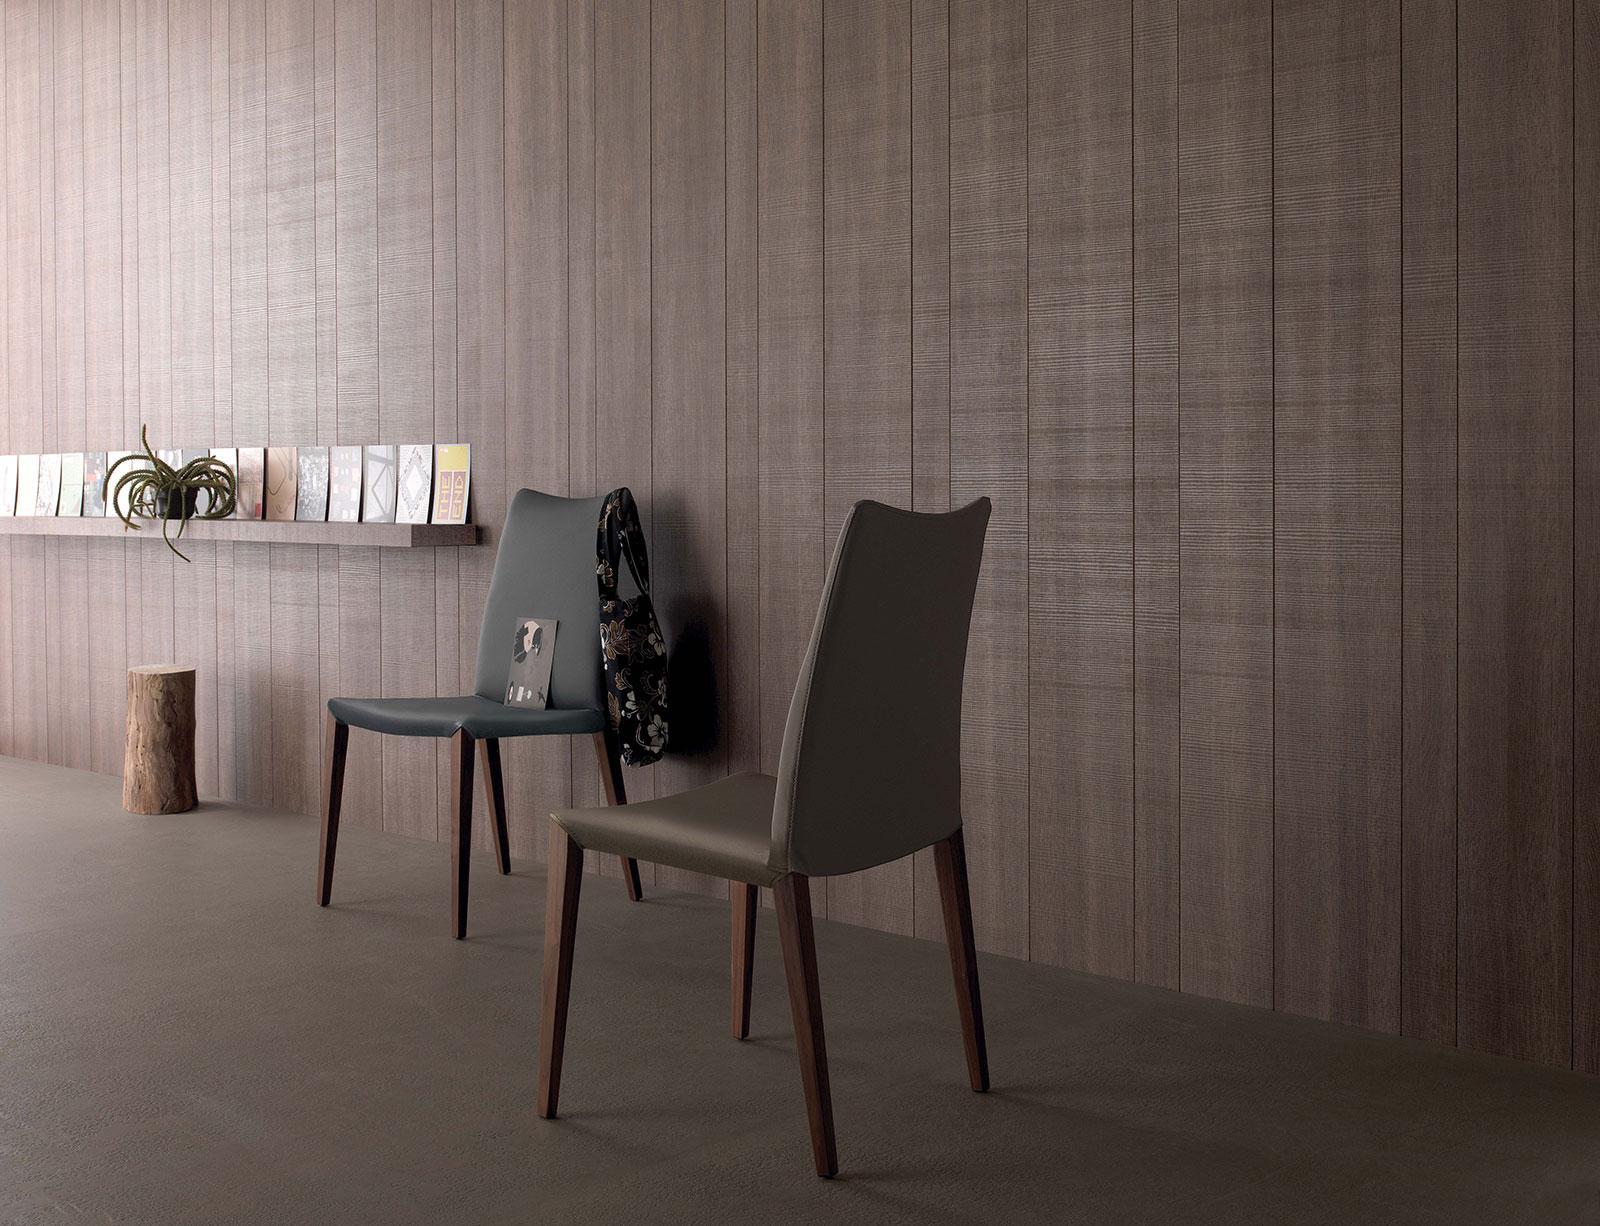 Nouveau salle manger table luminaire hauteur ojr7 - Hauteur standard table salle a manger ...